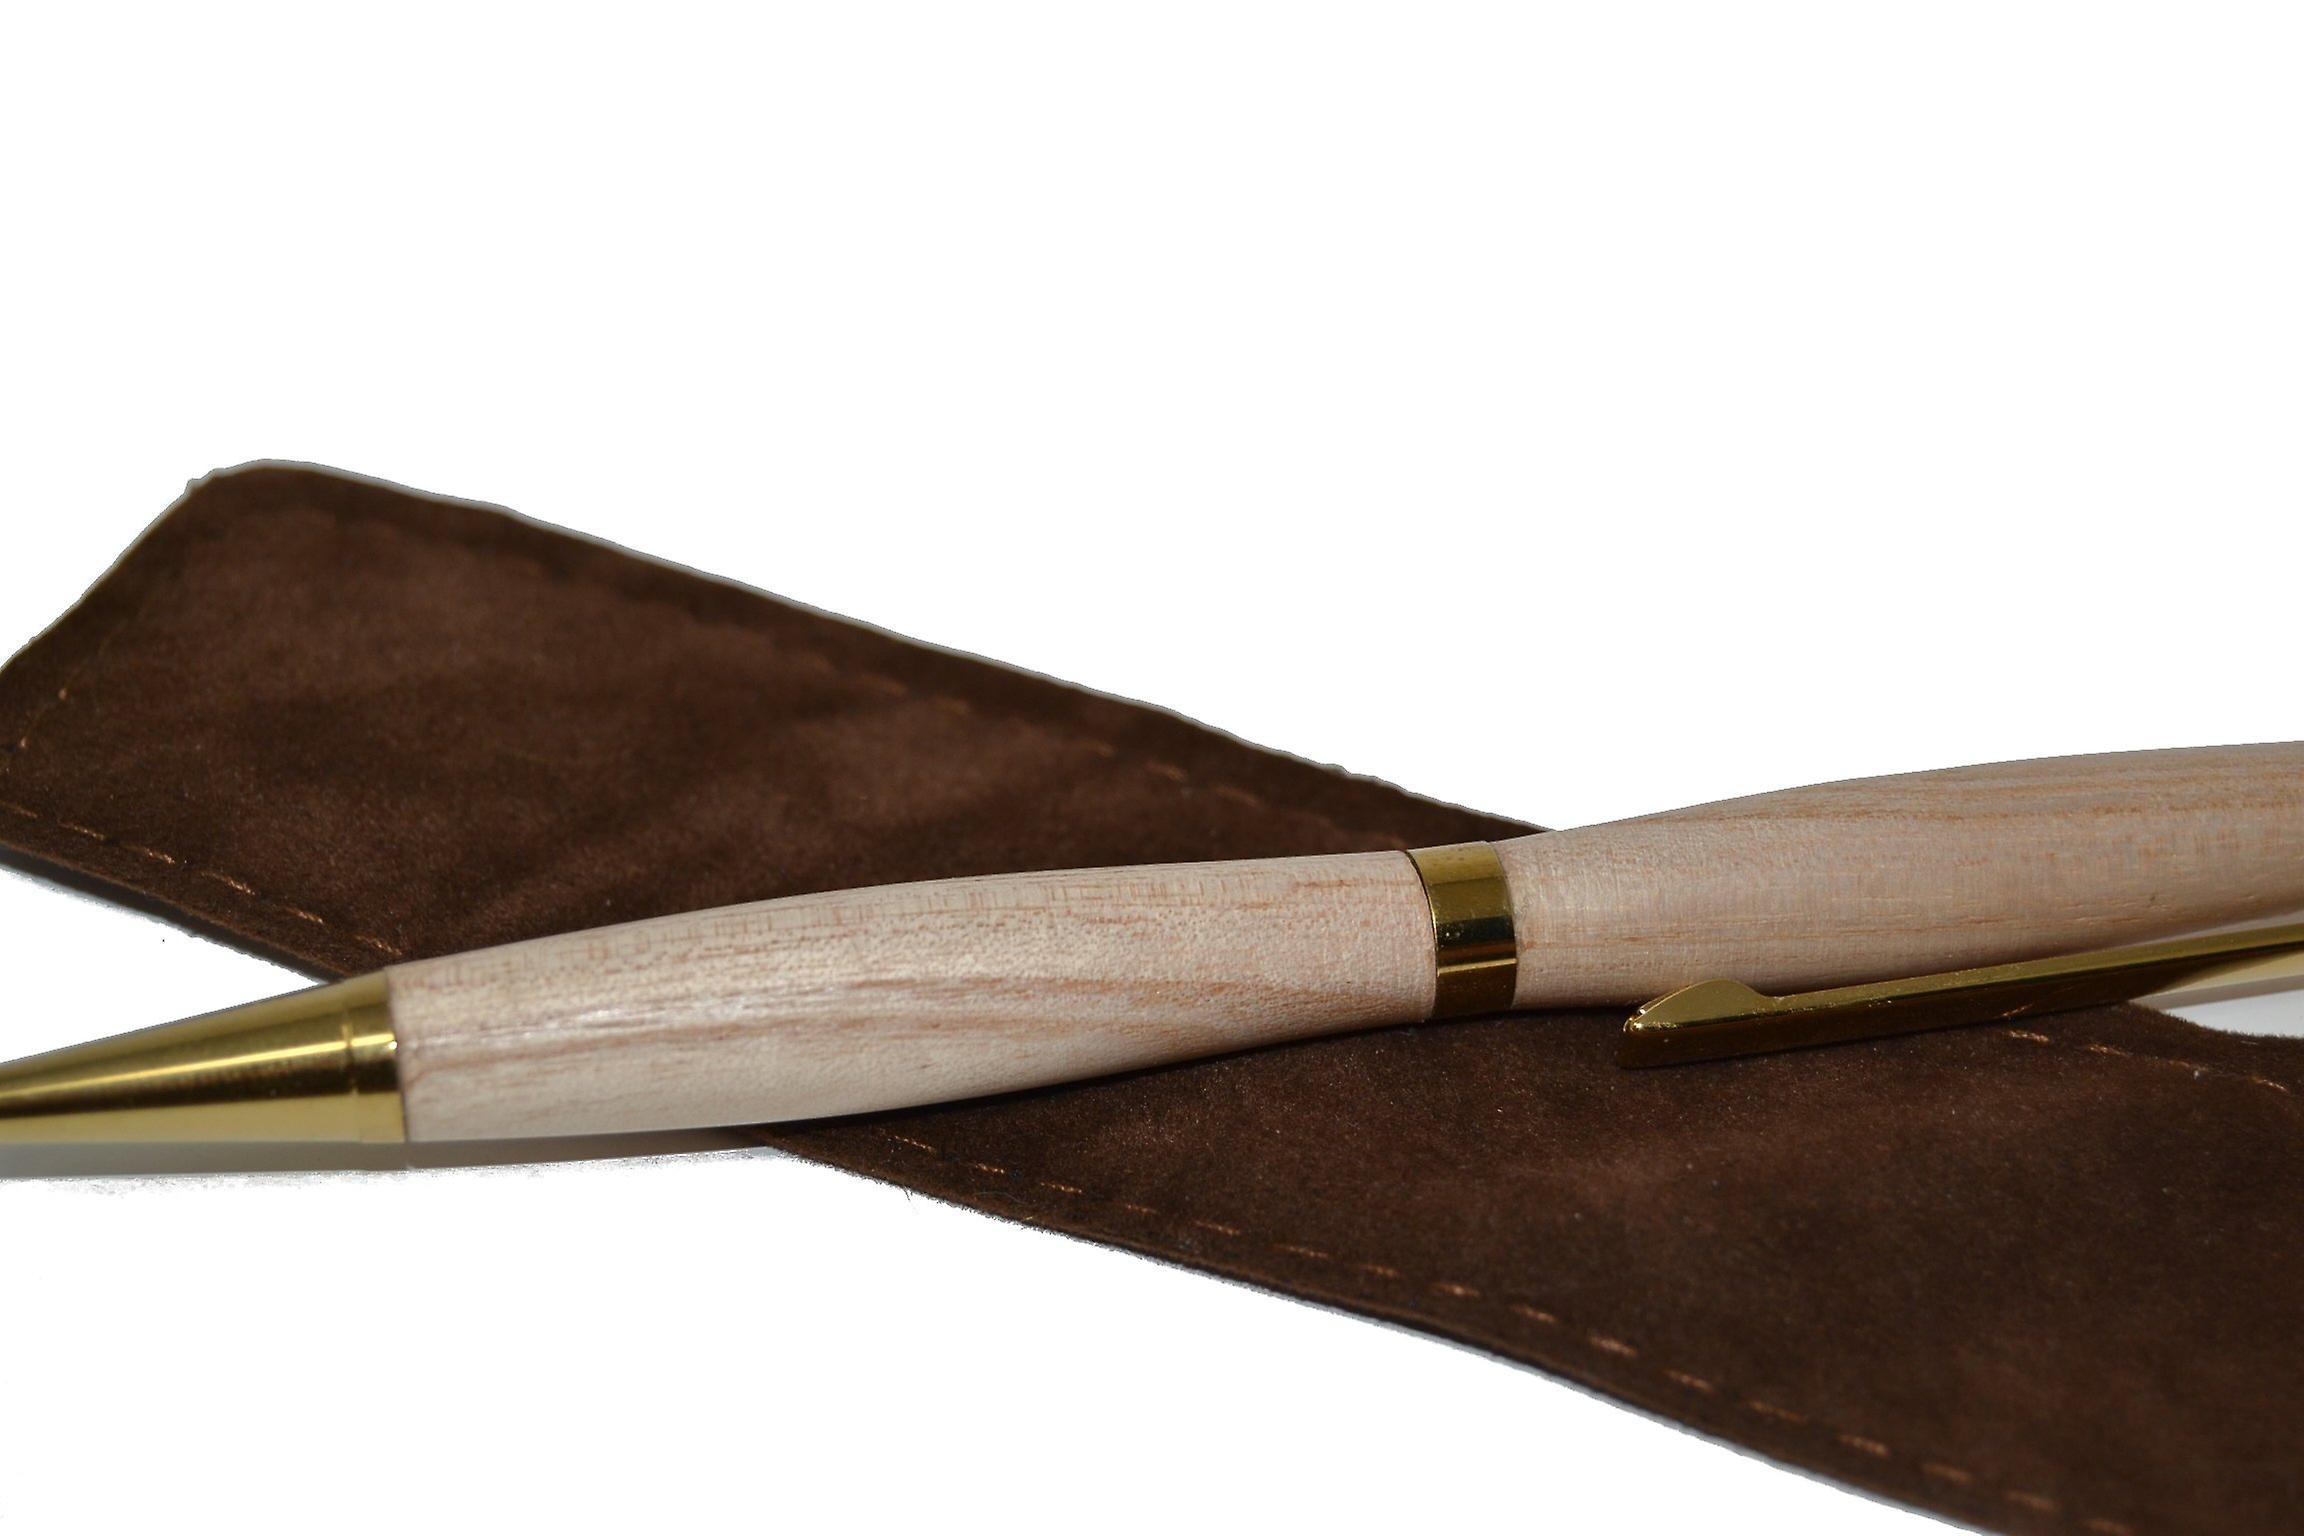 Holz Dreh Kugelschreiber schwarz  Pawlownia Handarbeit Kugelschreiber  Made in Austria